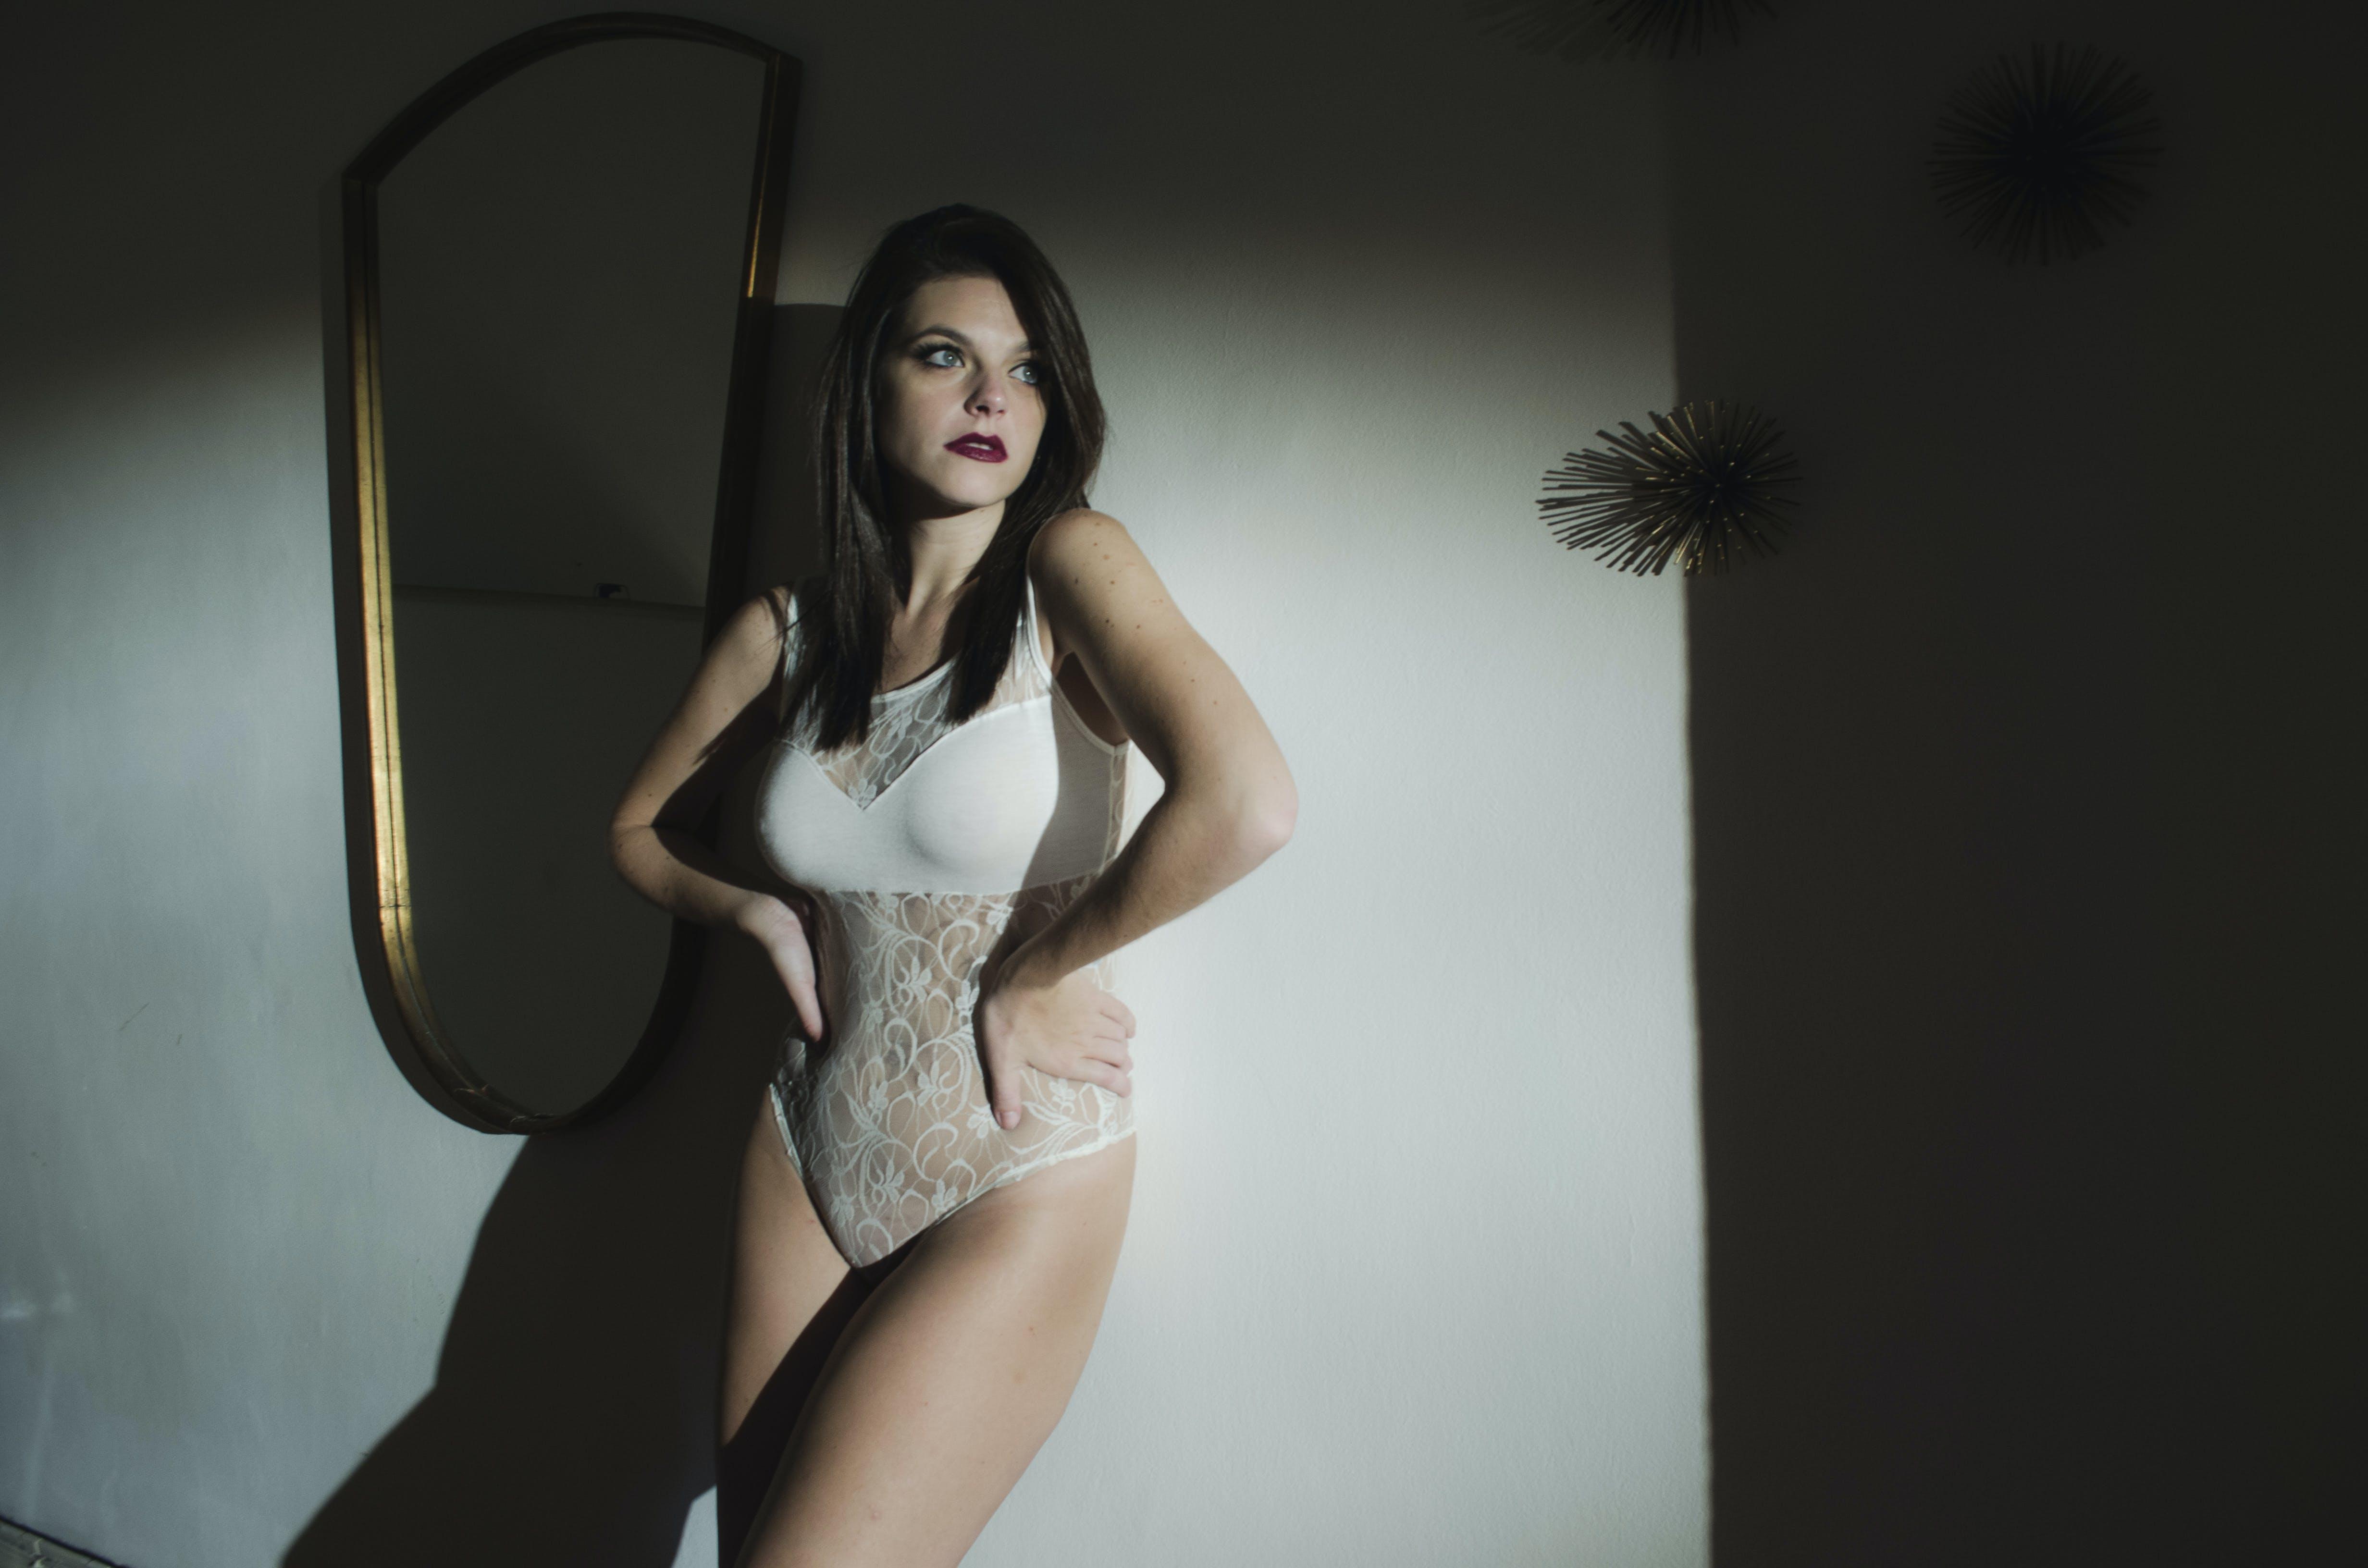 セクシー, ポーズ, モデル, ランジェリーの無料の写真素材